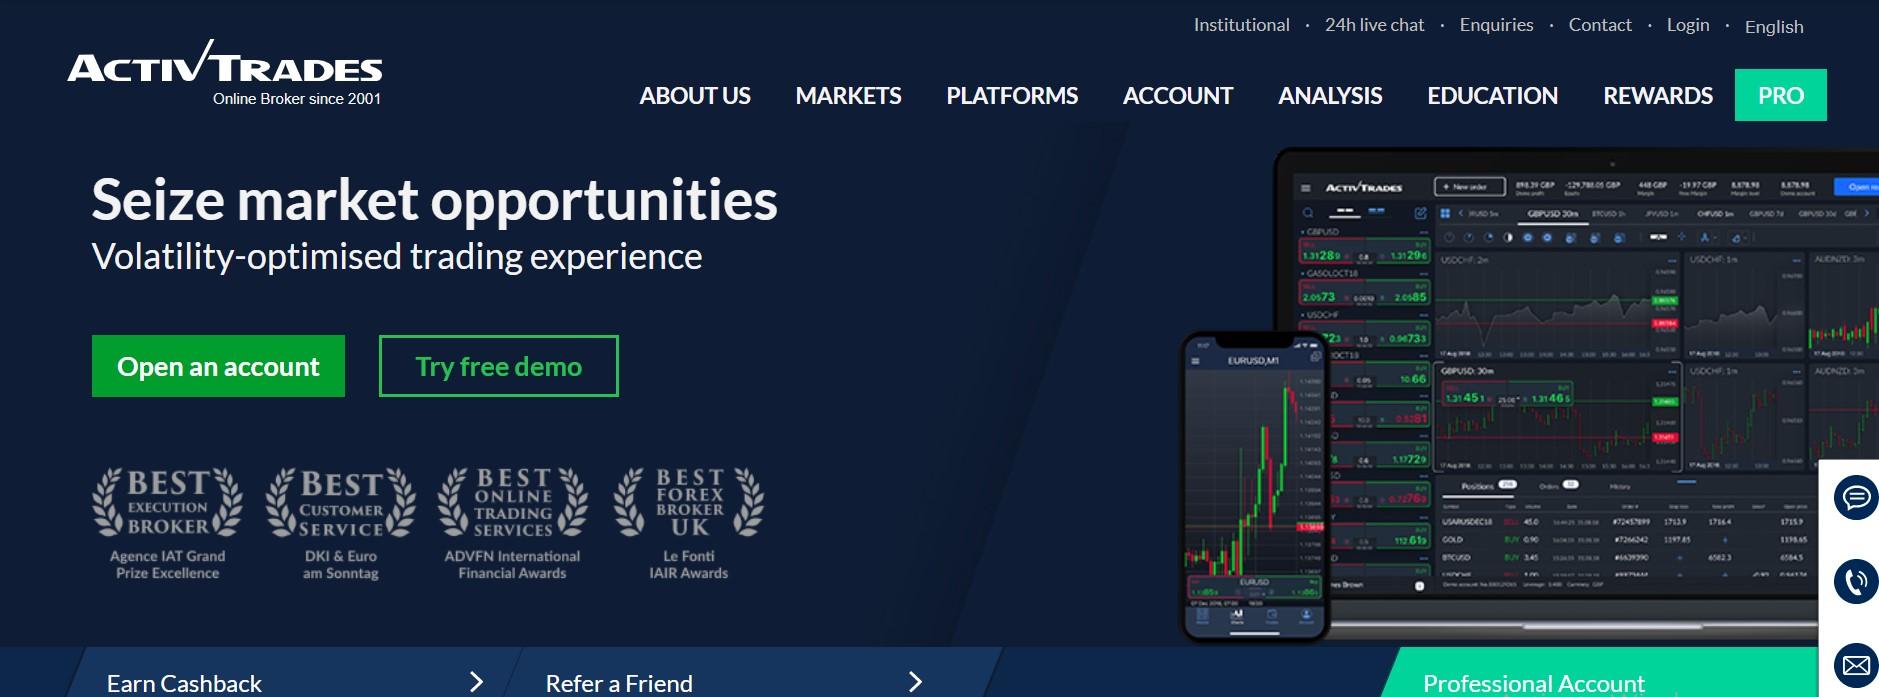 ActivTrades trading platform